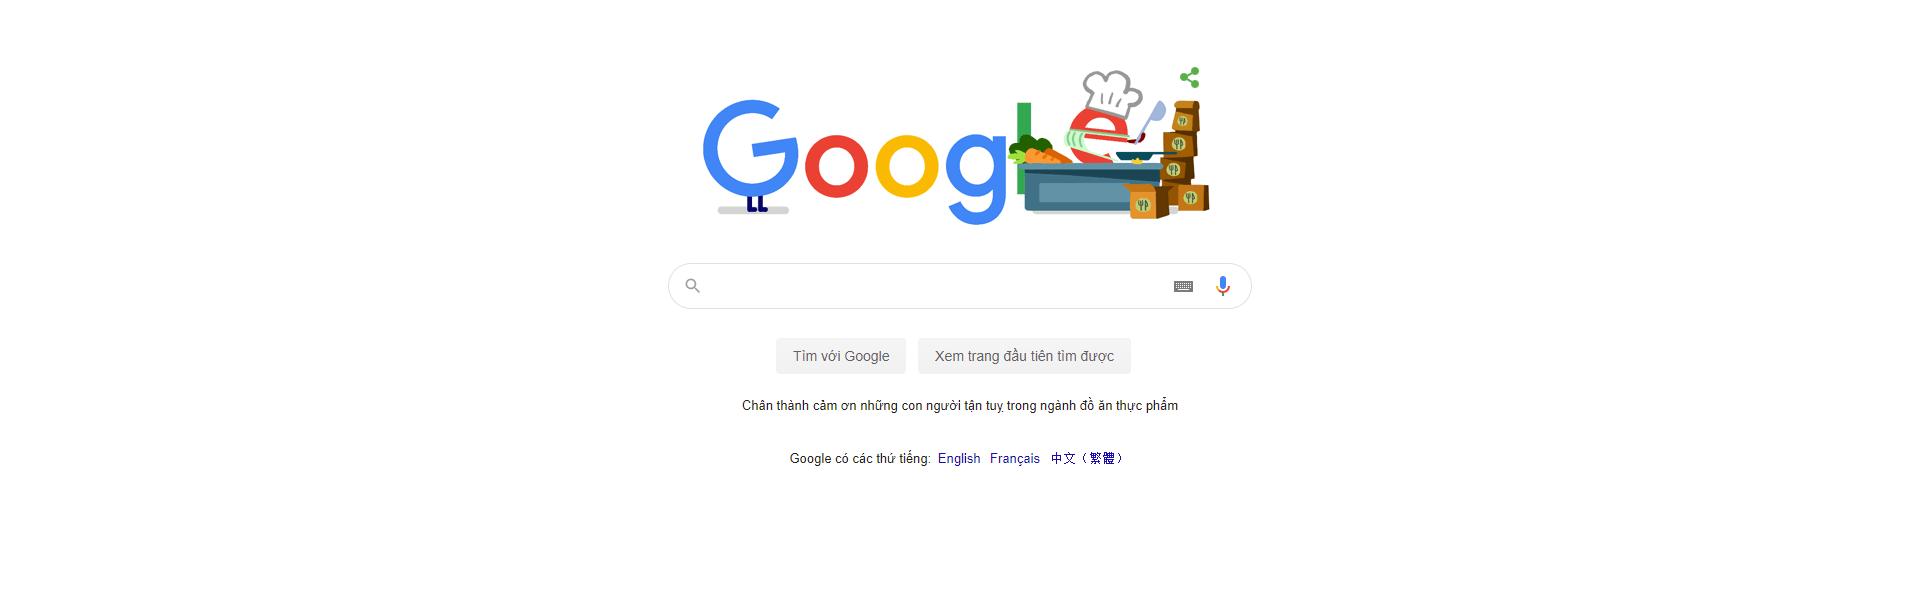 Ví dụ về form tìm kiếm Google